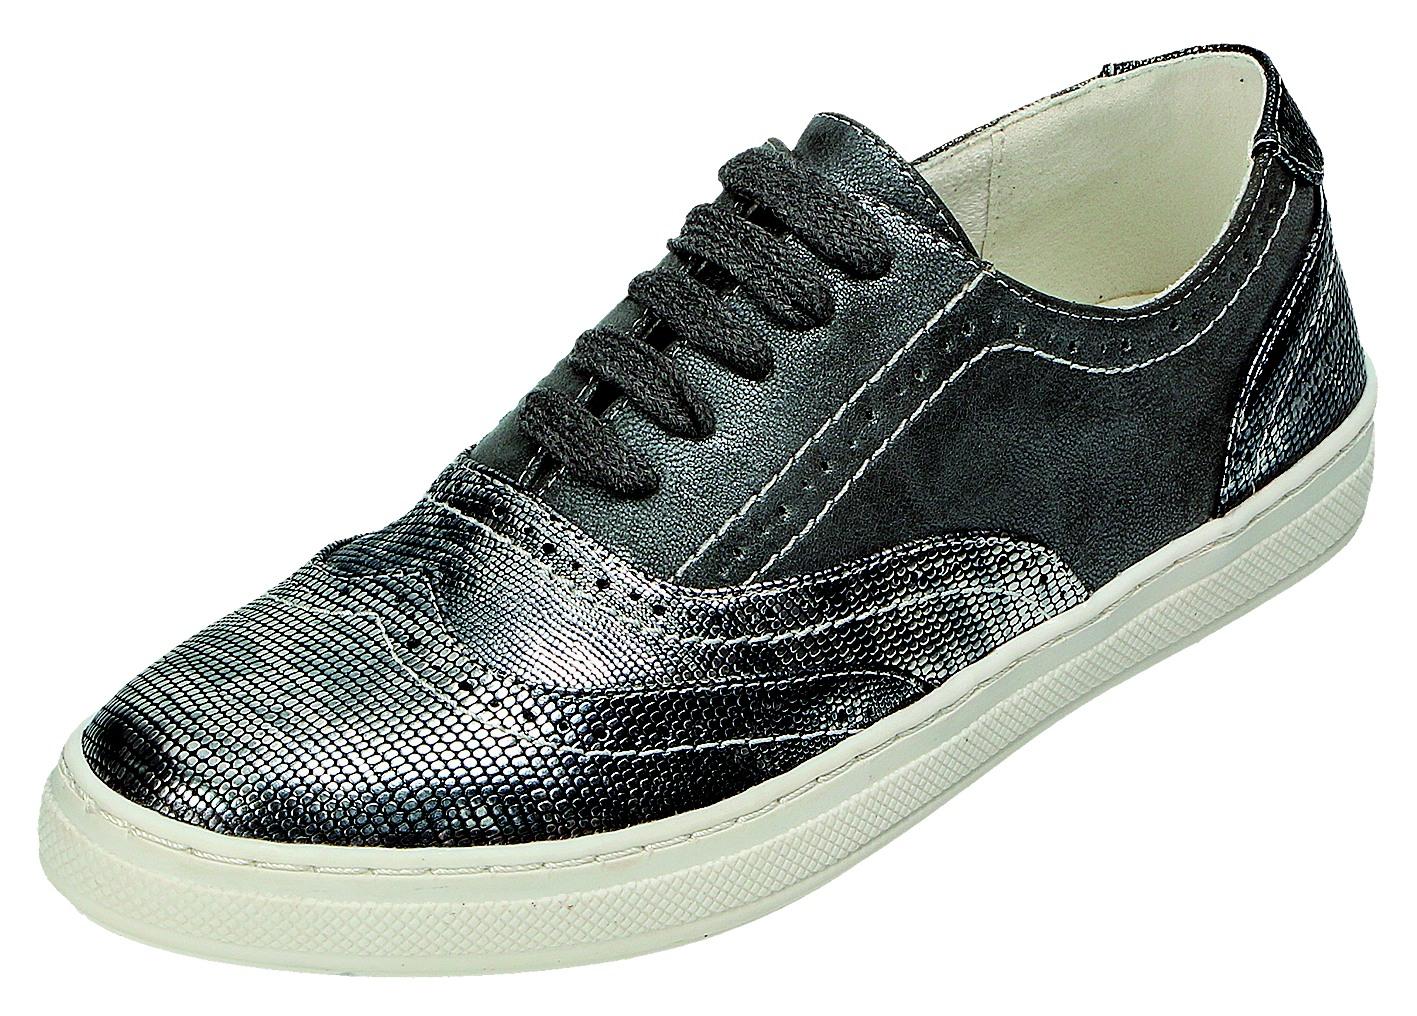 Dockers Damenschuhe sportlich D.Sneaker Grau 40MY206 660155